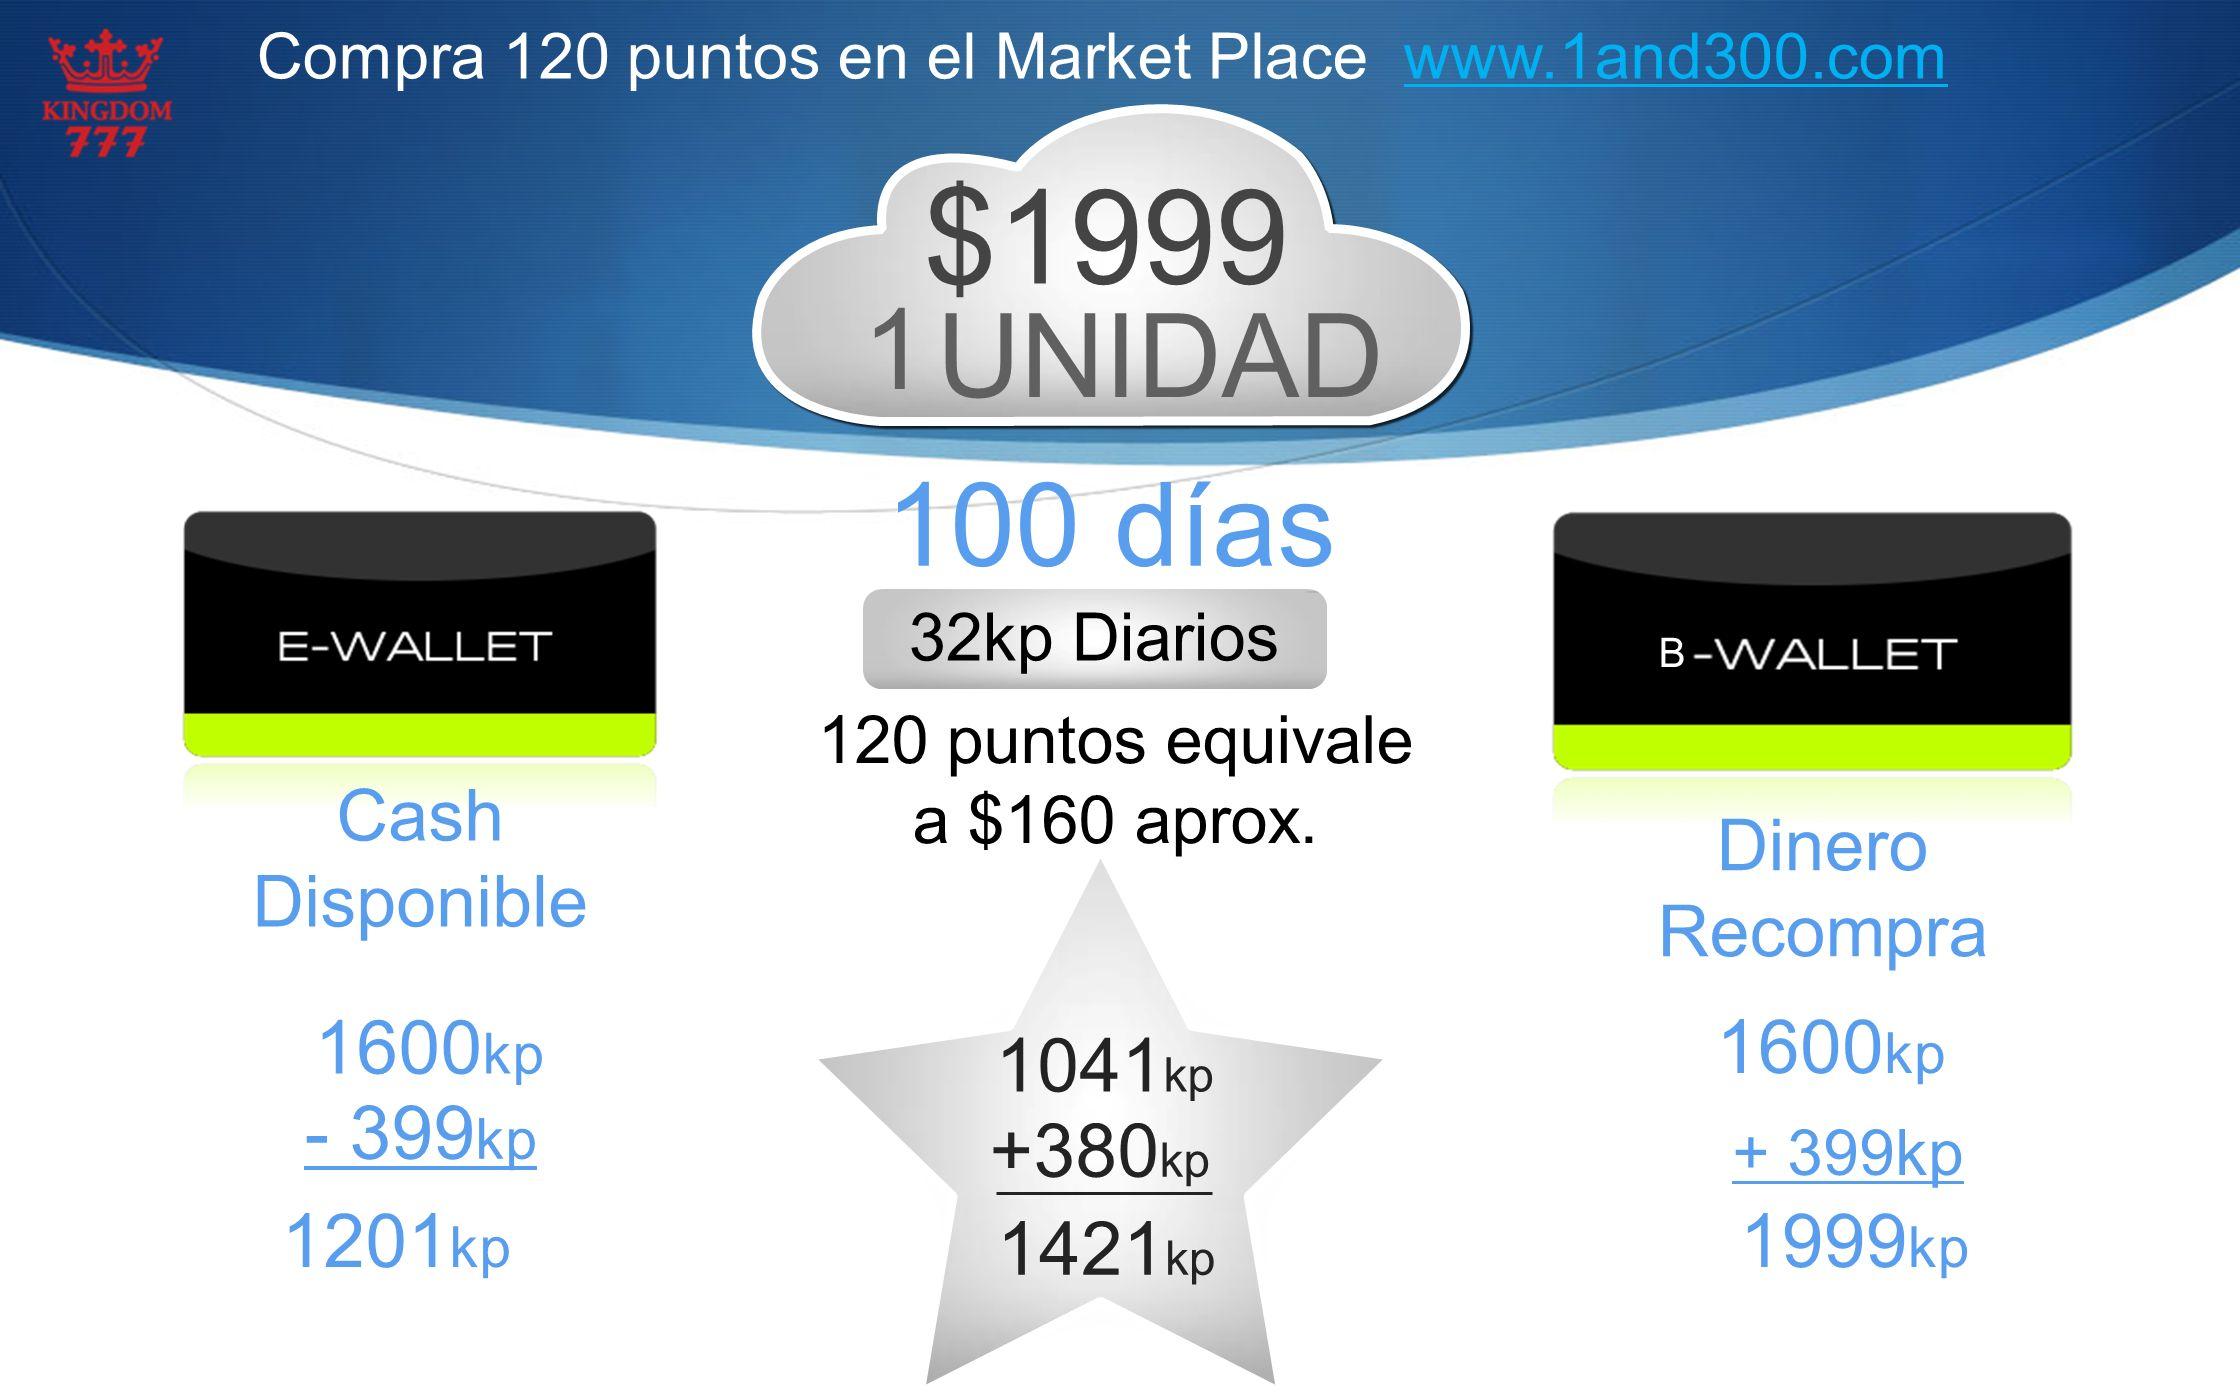 $1999 UNIDAD 100 días 1 16kp 16kp +380kp 1041kp 1421kp 1600kp - 399kp